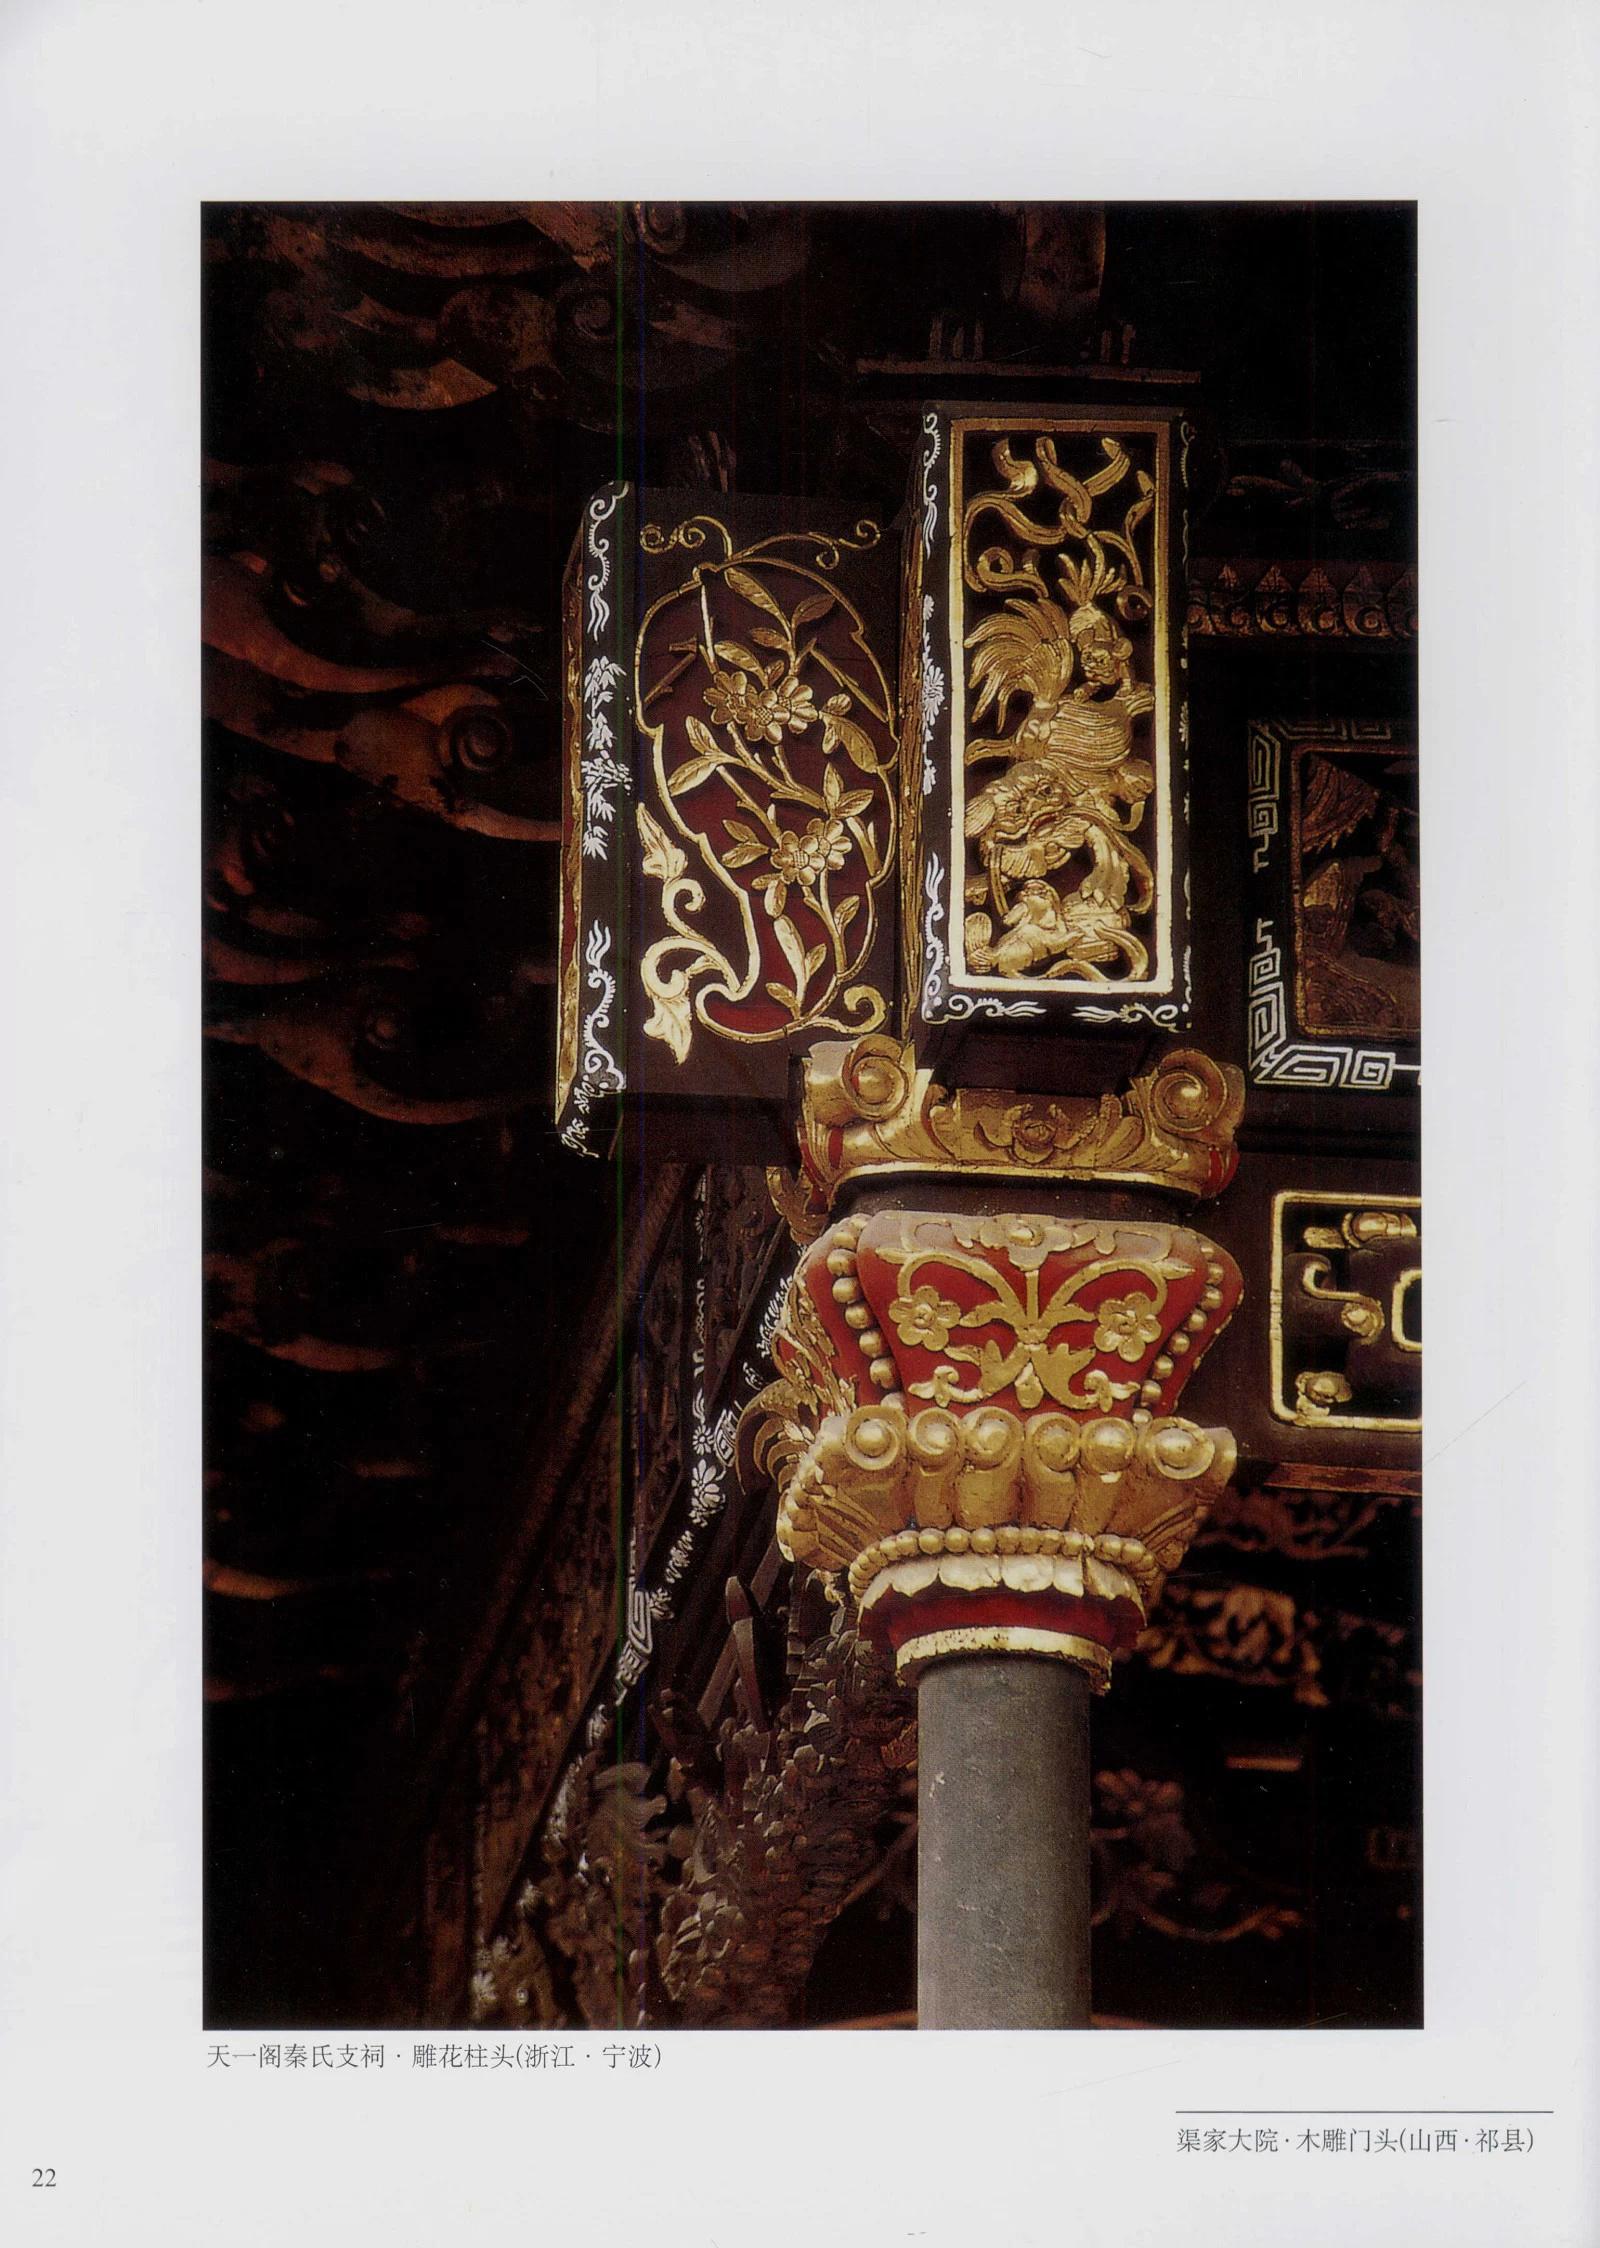 木雕可以分为立体圆雕、根雕、浮雕三大类。木雕是从木工中分离出来的一个工种,在我们国家的工种分类中为精细木工。以雕刻材料分类的民间美术品种。一般选用质地细密坚韧,不易变形的树种如楠木、紫檀、樟木、柏木、银杏、沉香、红木、龙眼等。采用自然形态的树根雕刻艺术品则为树根雕刻。木雕有圆雕、浮雕、镂雕或几种技法并用。有的还涂色施彩用以保护木质和美化。 中国木雕,分布极广,此衰彼兴,潮起潮落。由于各地的民俗、文化和资源条件,取材不一,工艺不同,形成了诸多具有浓郁地方特色、各有千秋的的流派。 在我国,木雕流派大多是